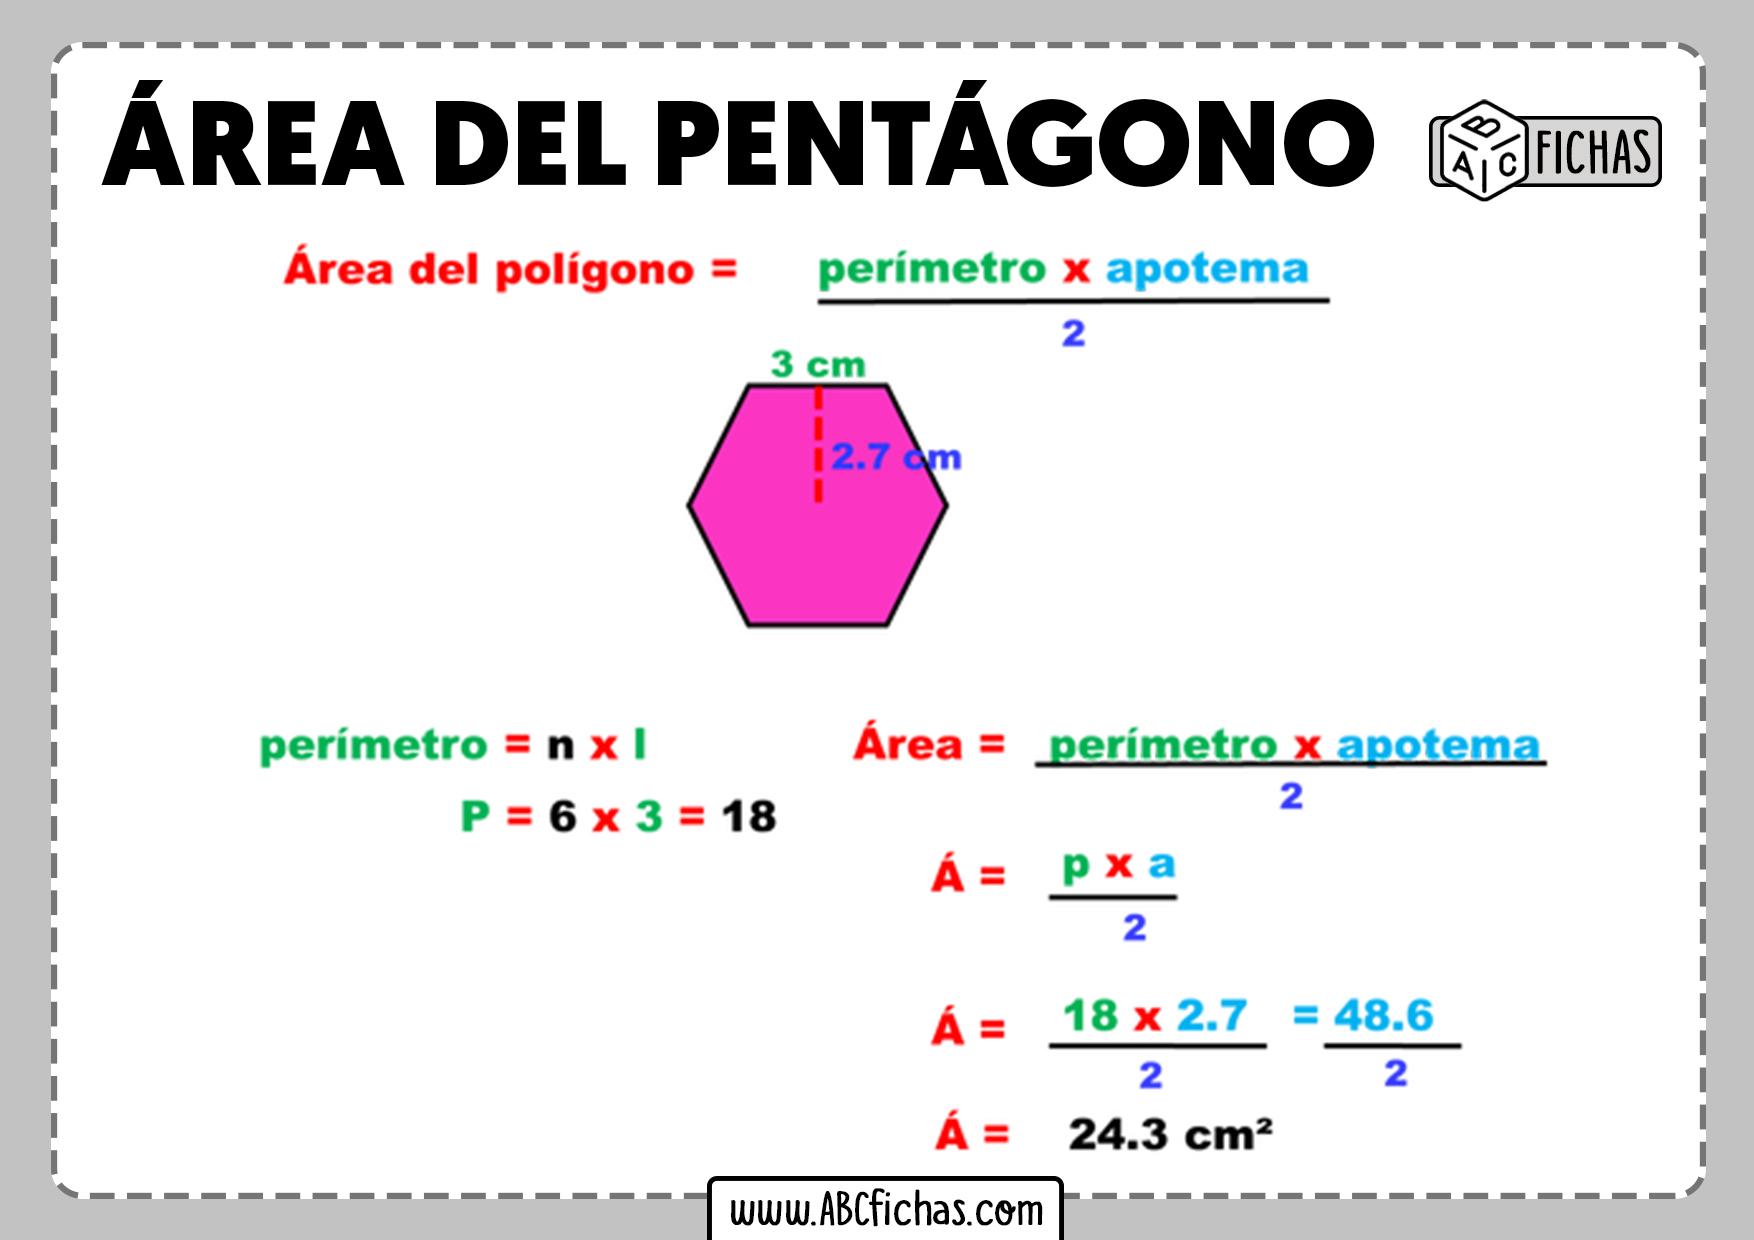 Area del pentagono formula